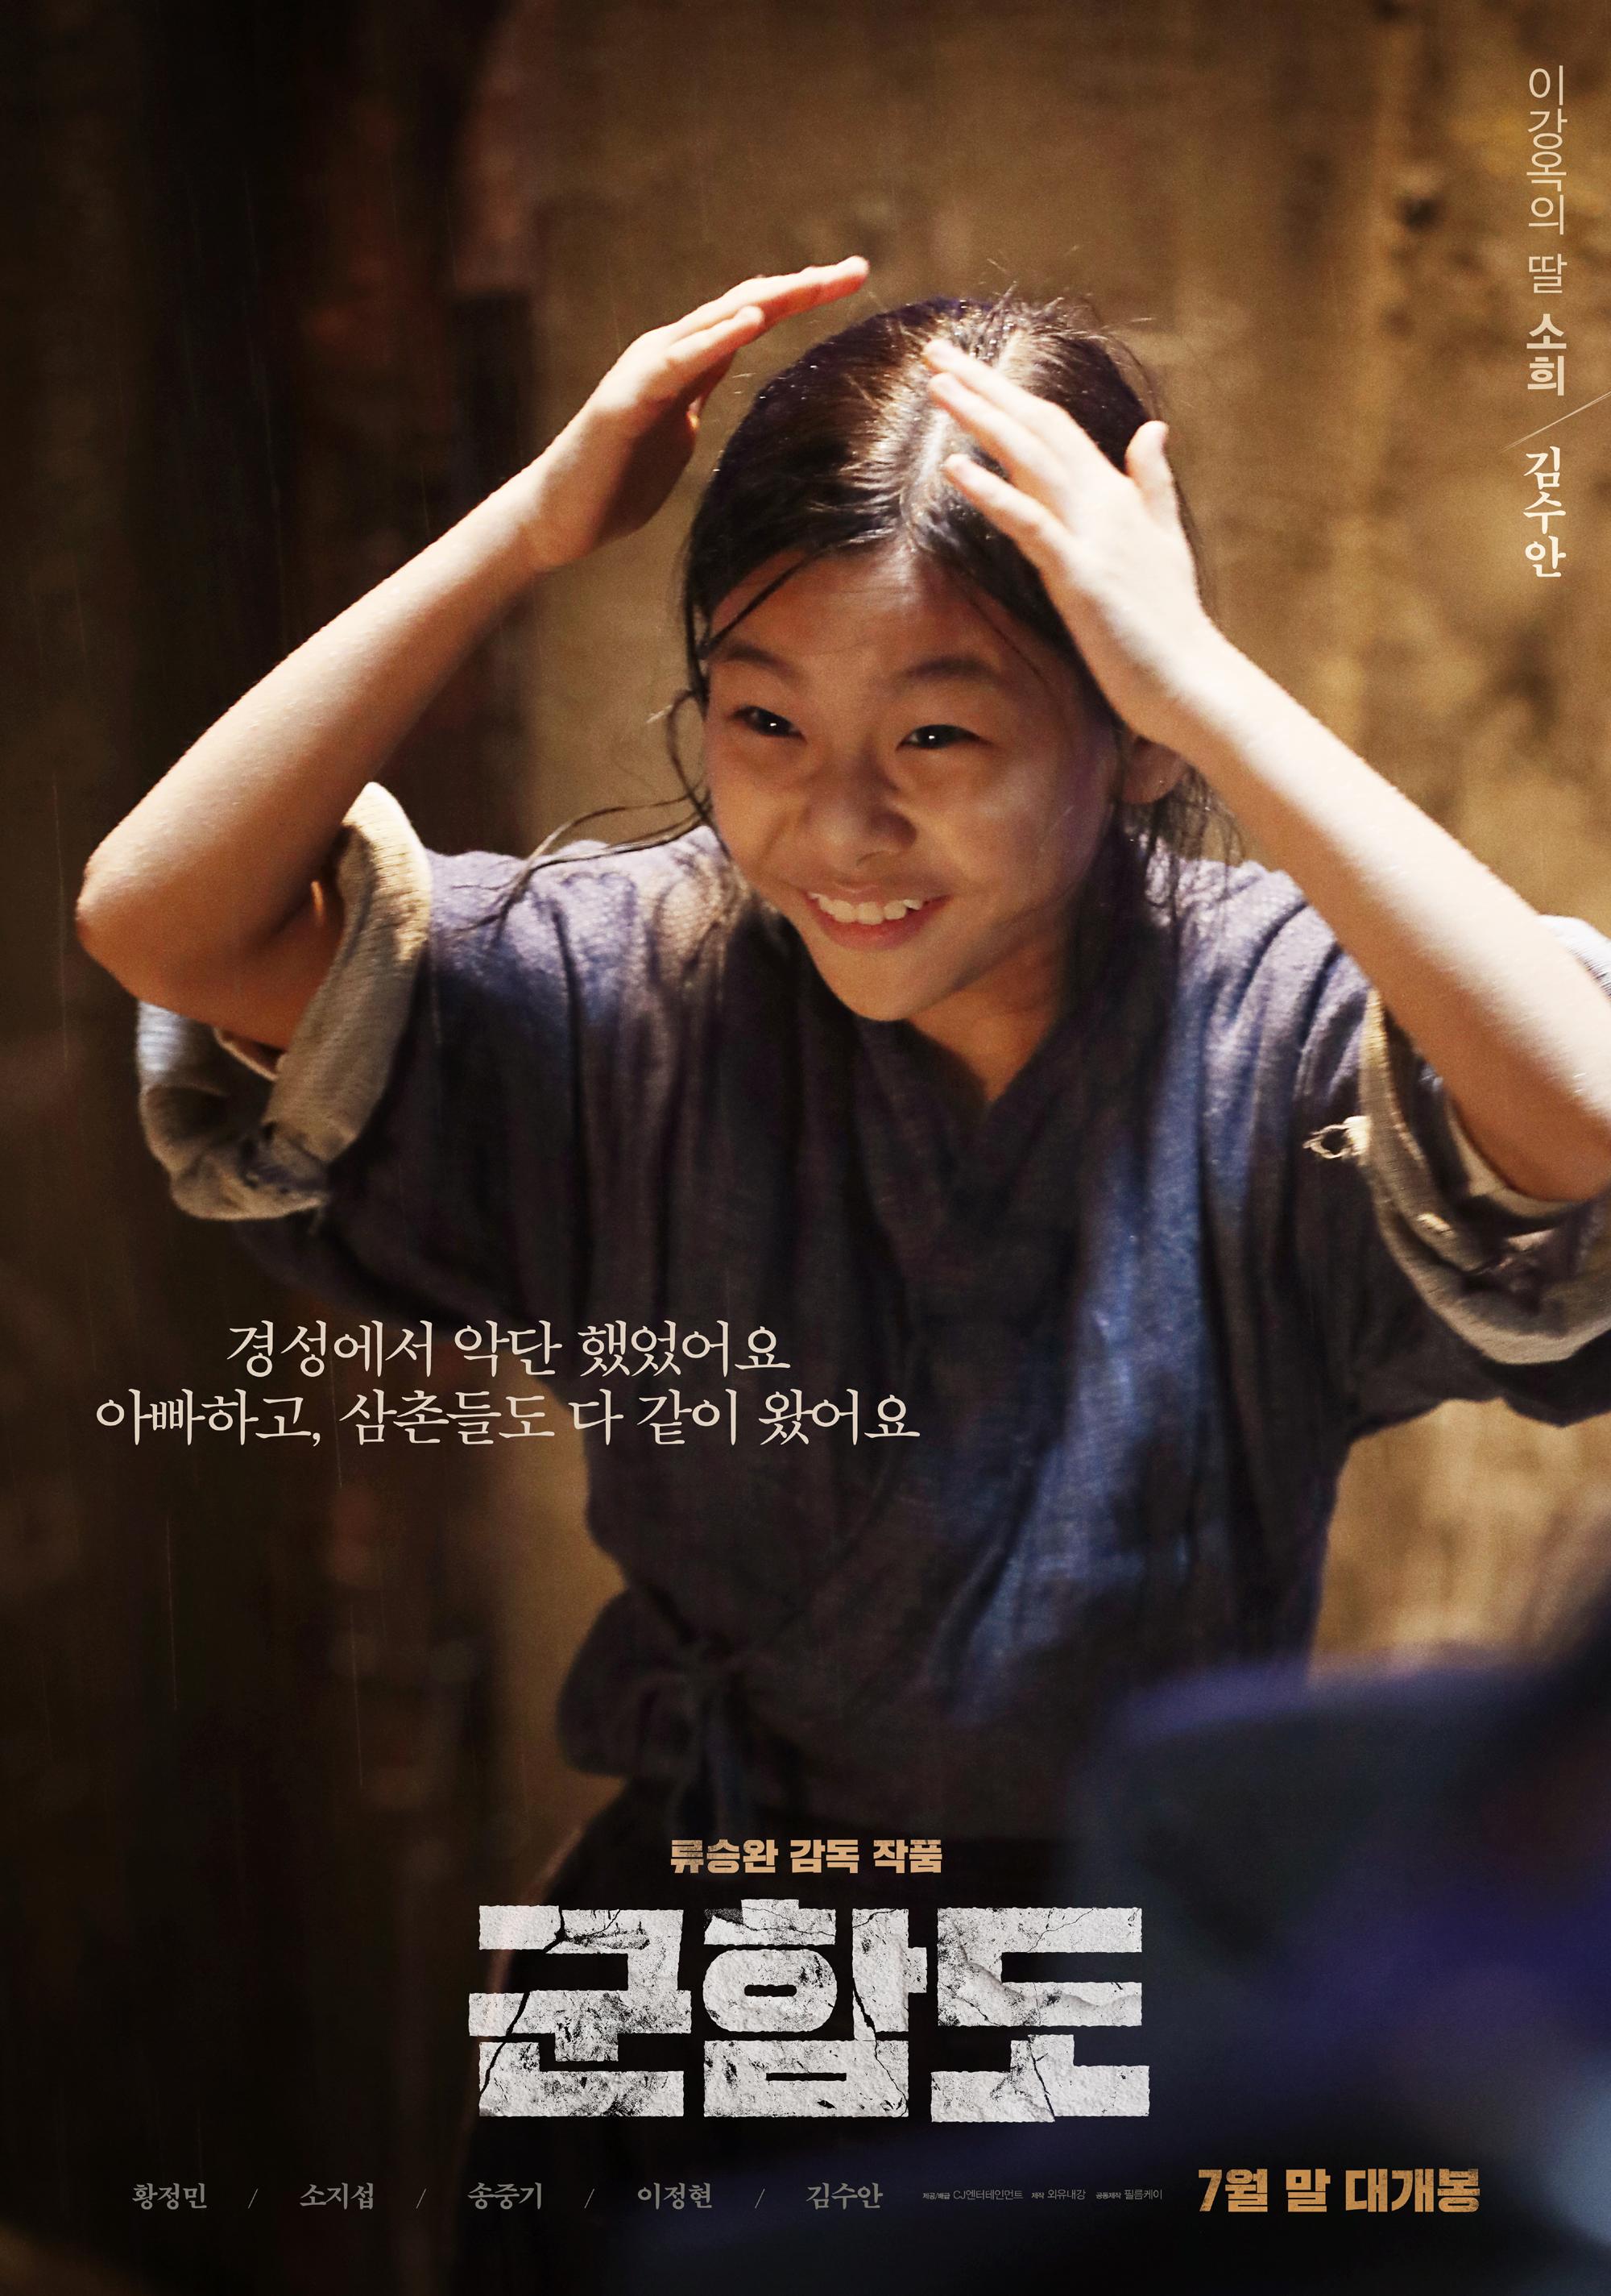 김수안 영화 군함도 캐릭터 포스터 2017.07